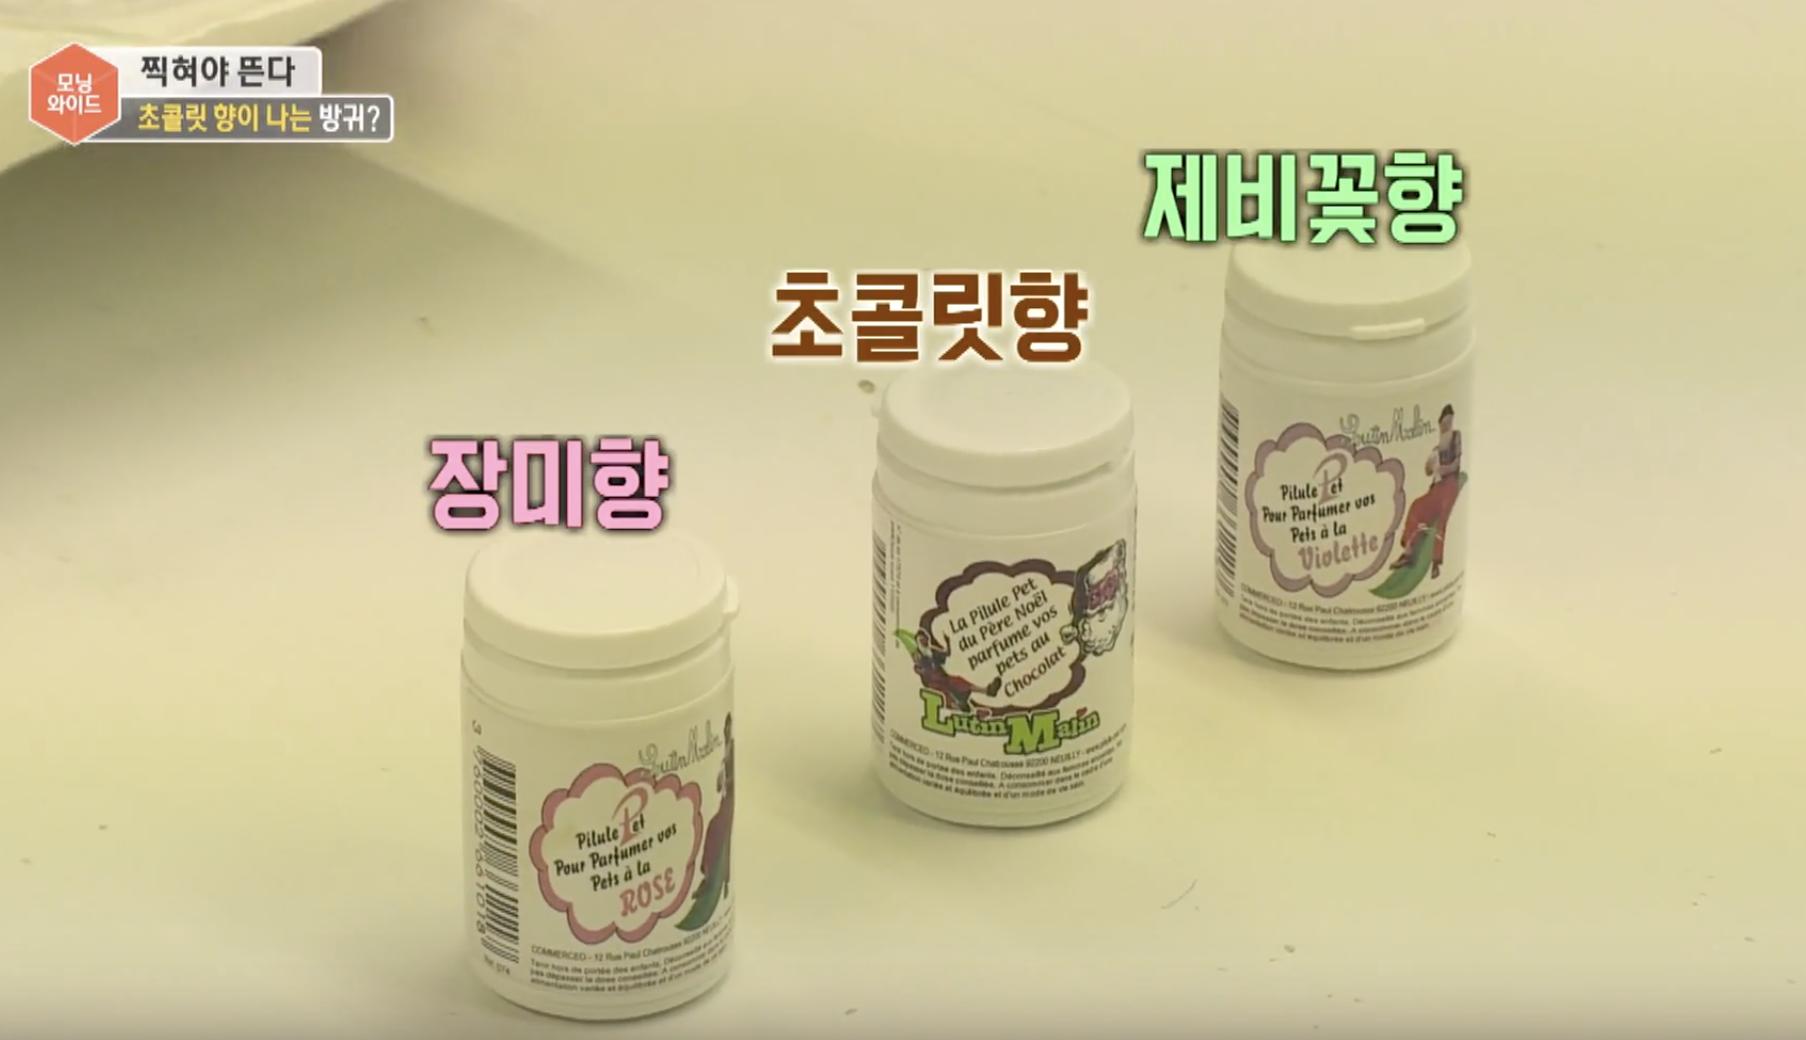 Un canal surcoreano encargó las pastillas y se percató de su efectividad, al menos a la hora de hacer desaparecer el mal olor